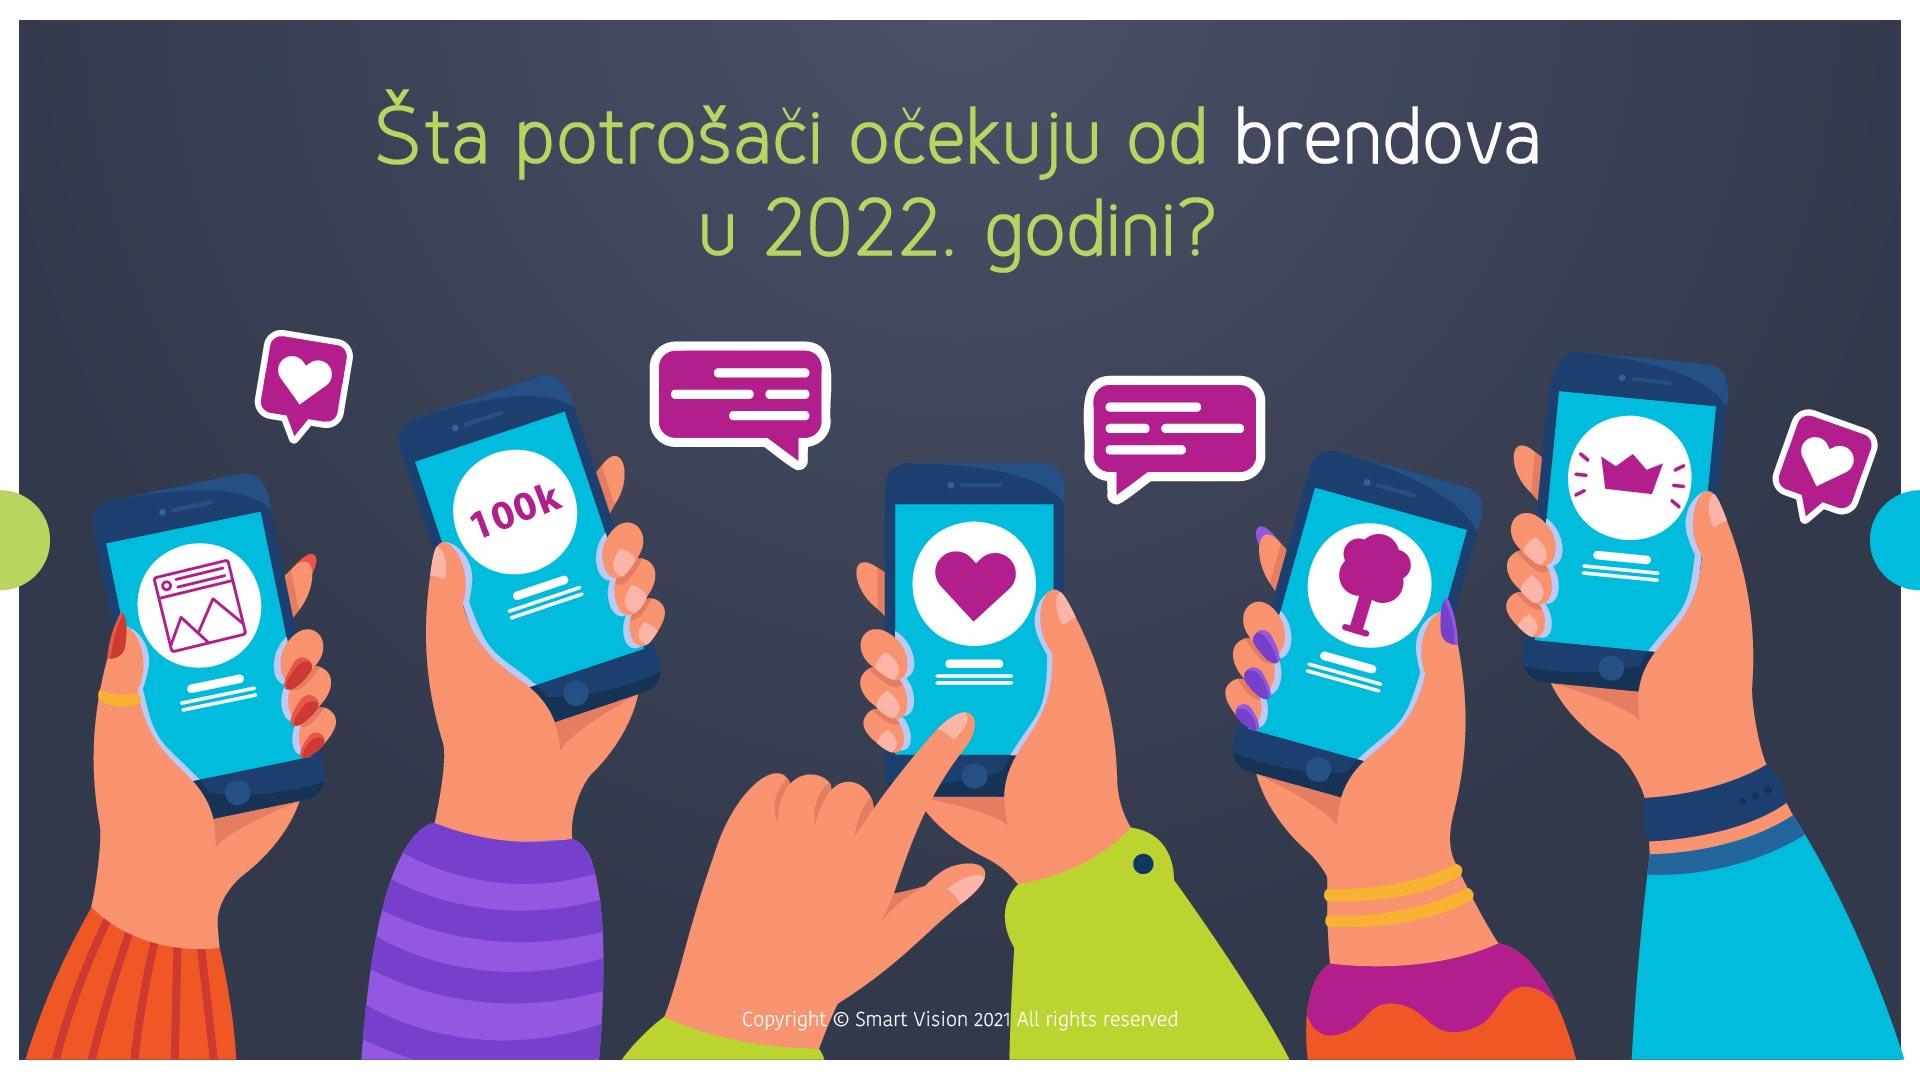 Smart Vision blog - Šta potrošači očekuju od brendova u 2022